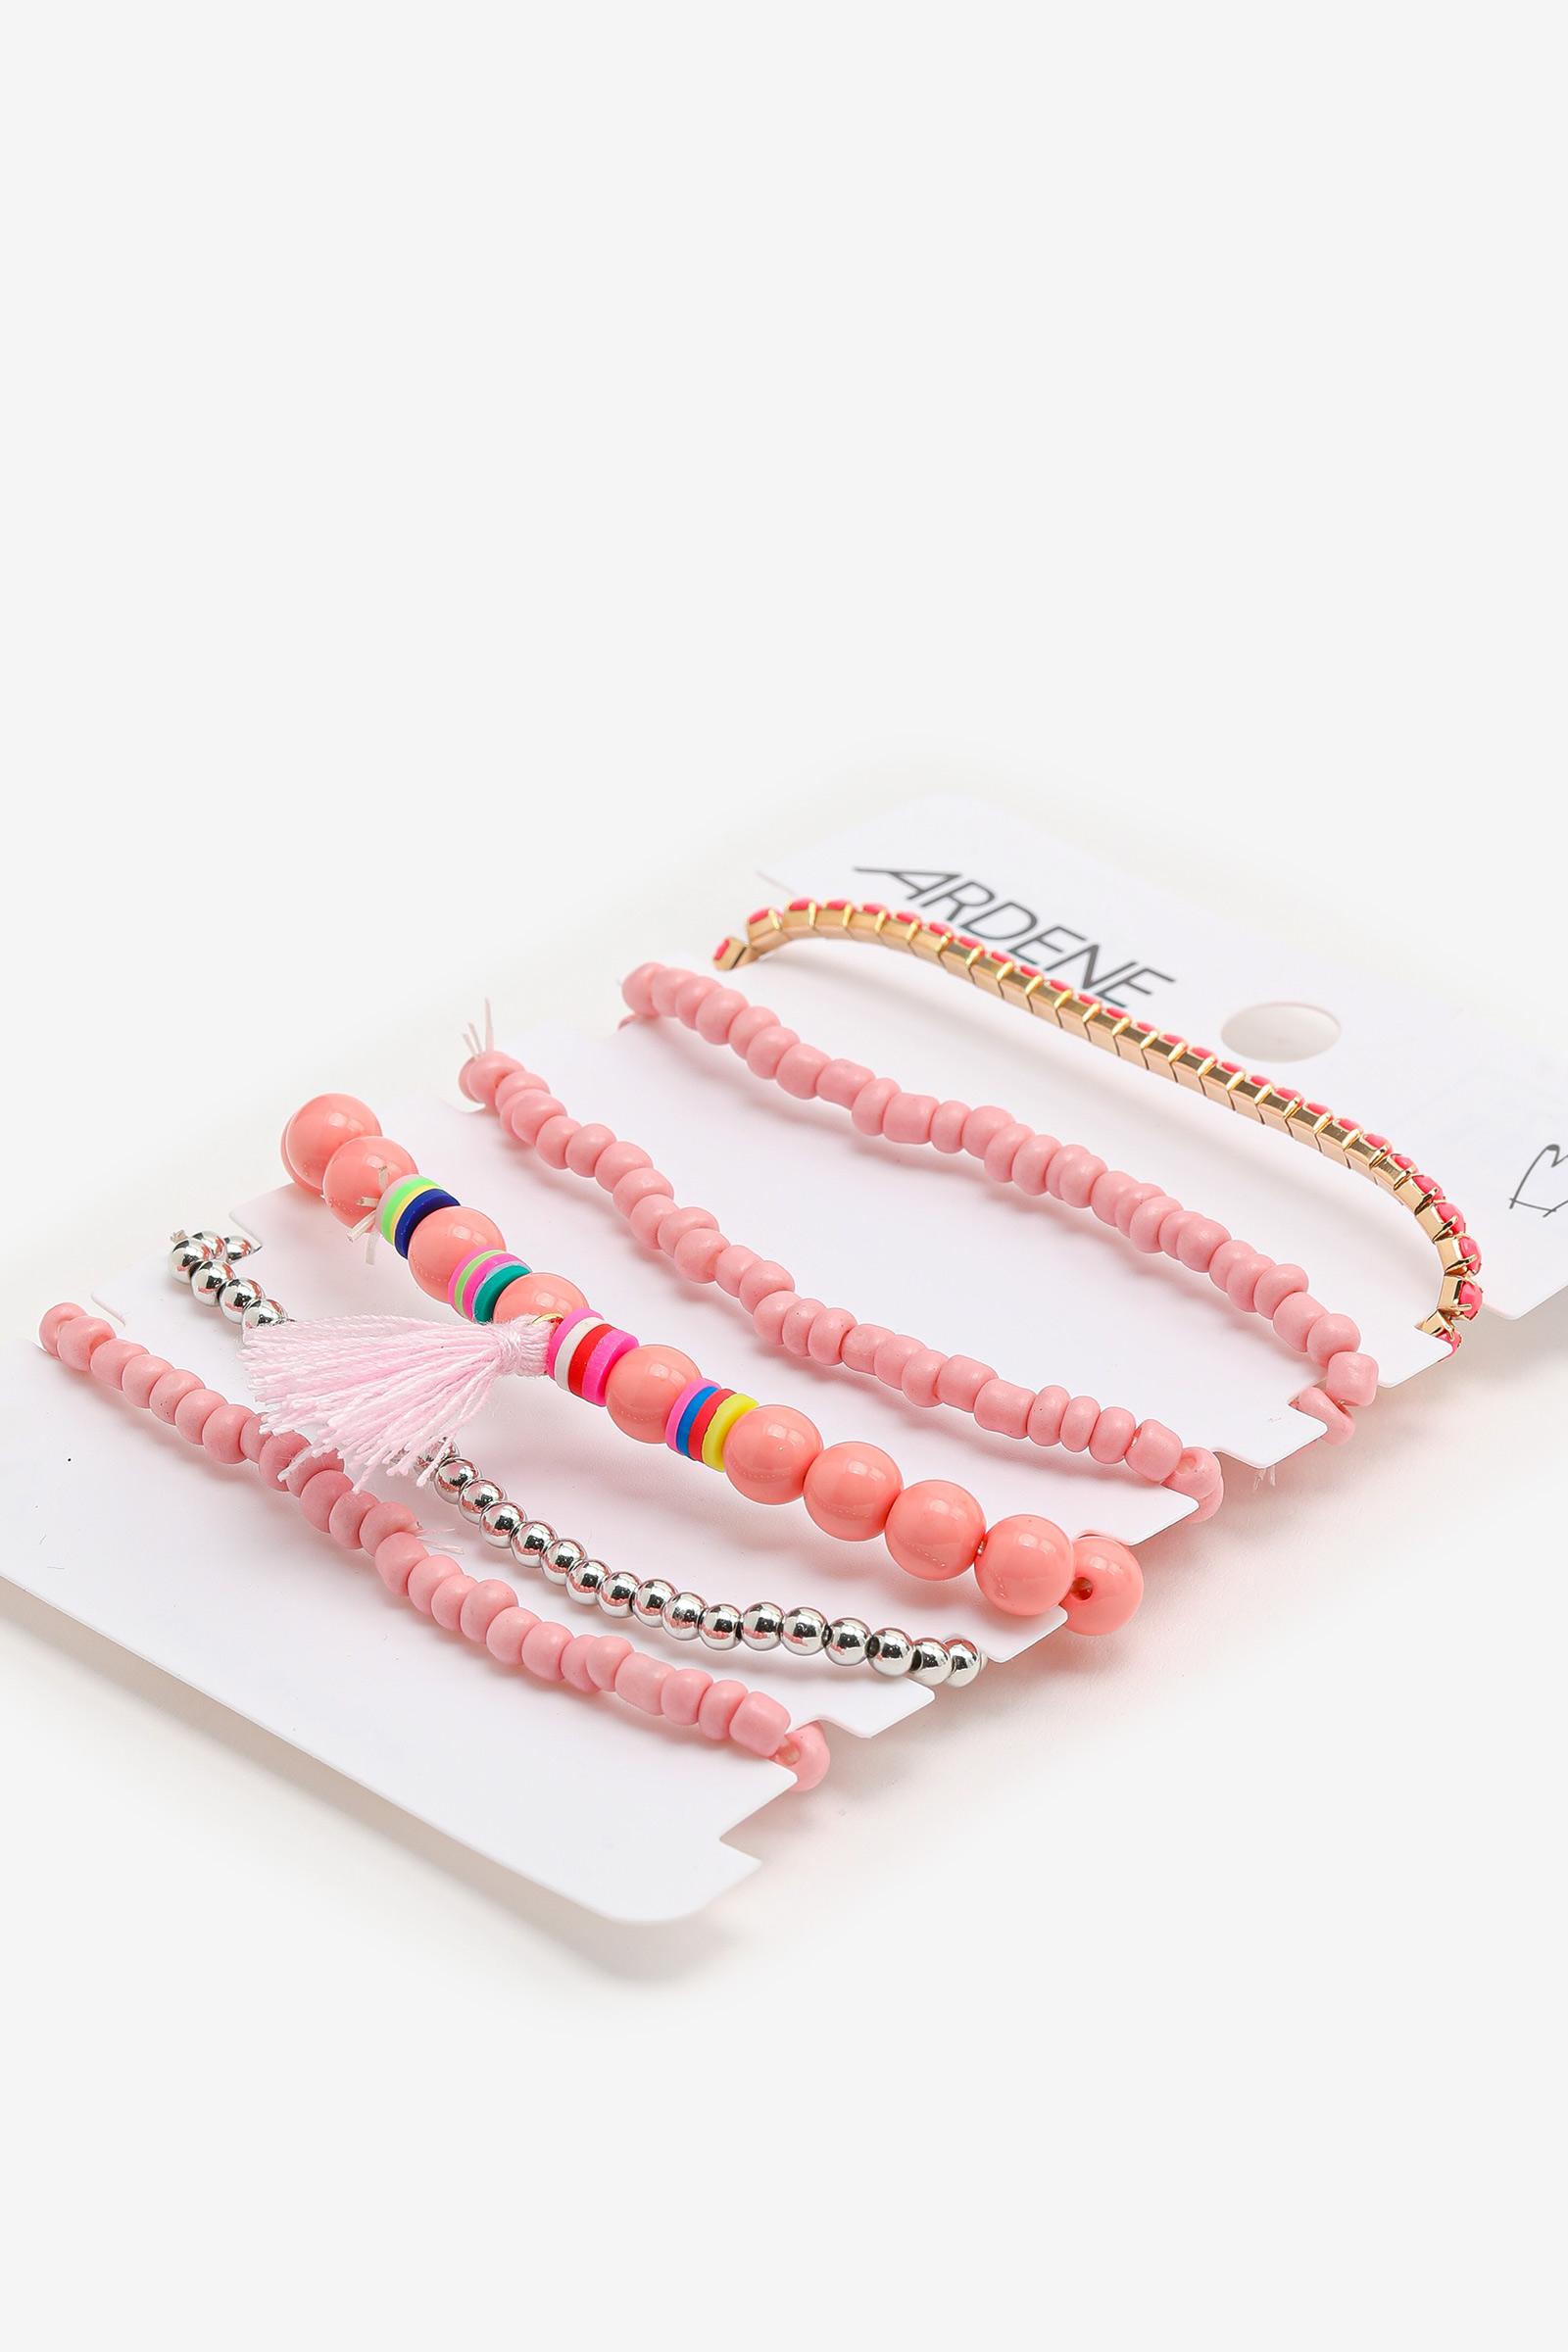 6-Pack of Bead and Tassel Bracelet